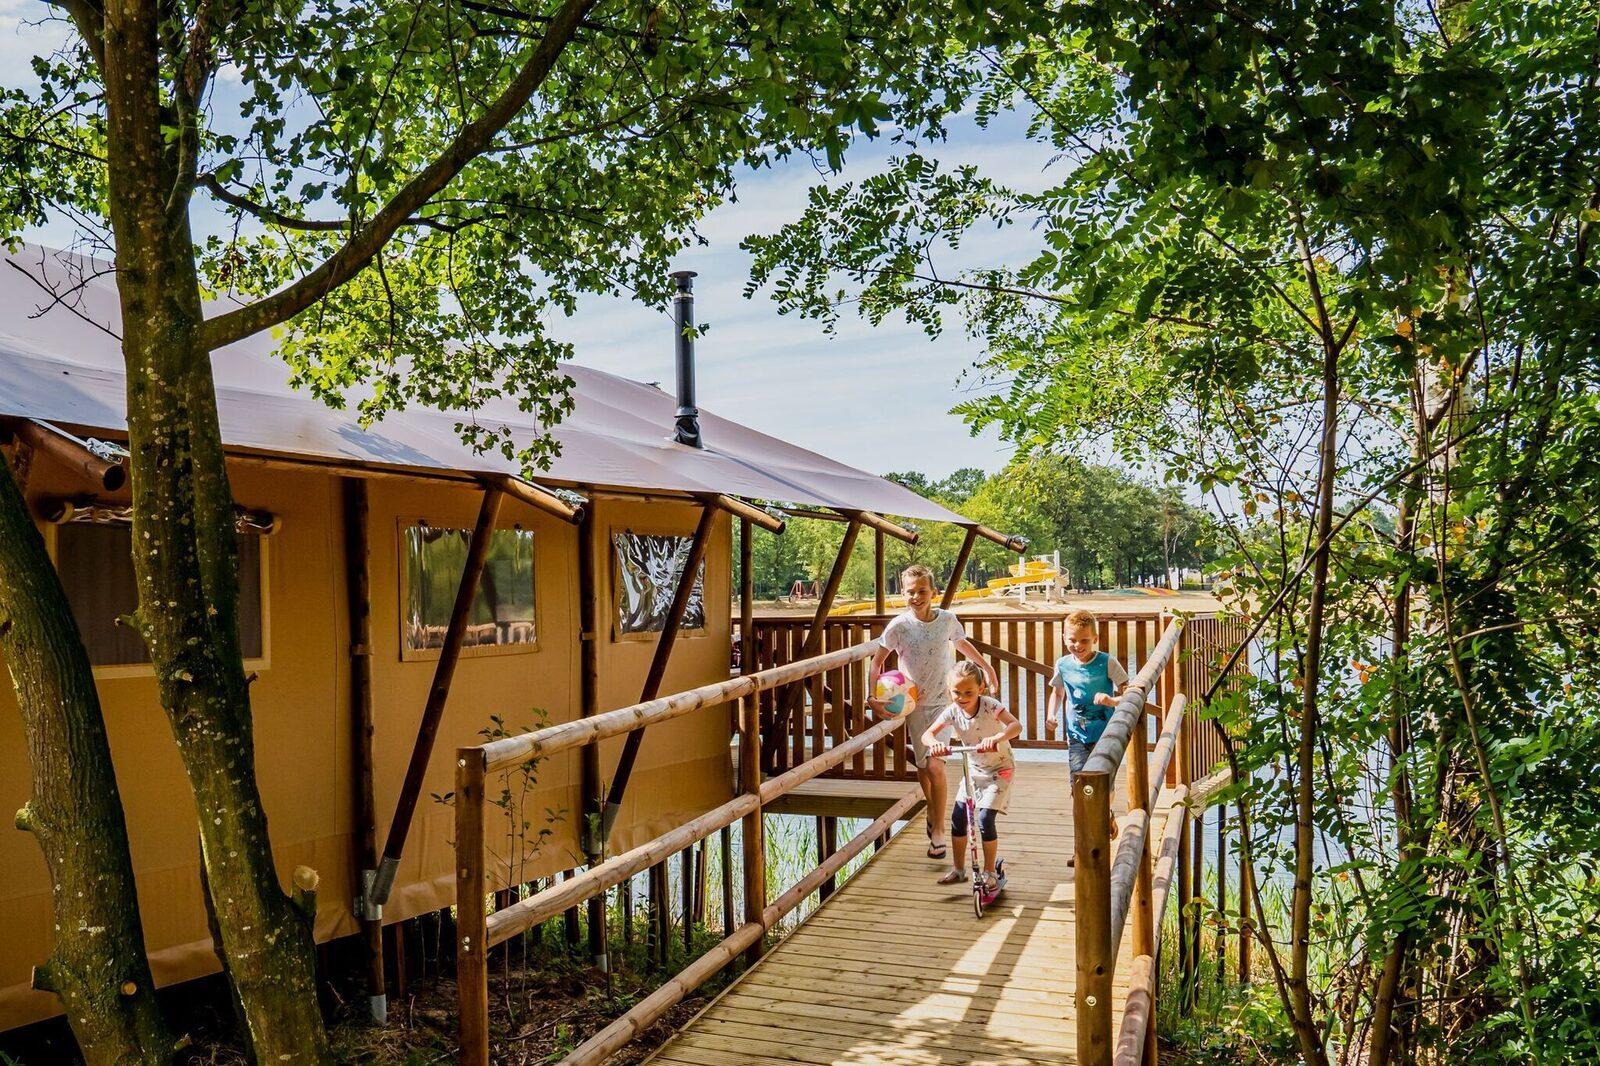 Vakantiehuizen in de natuur